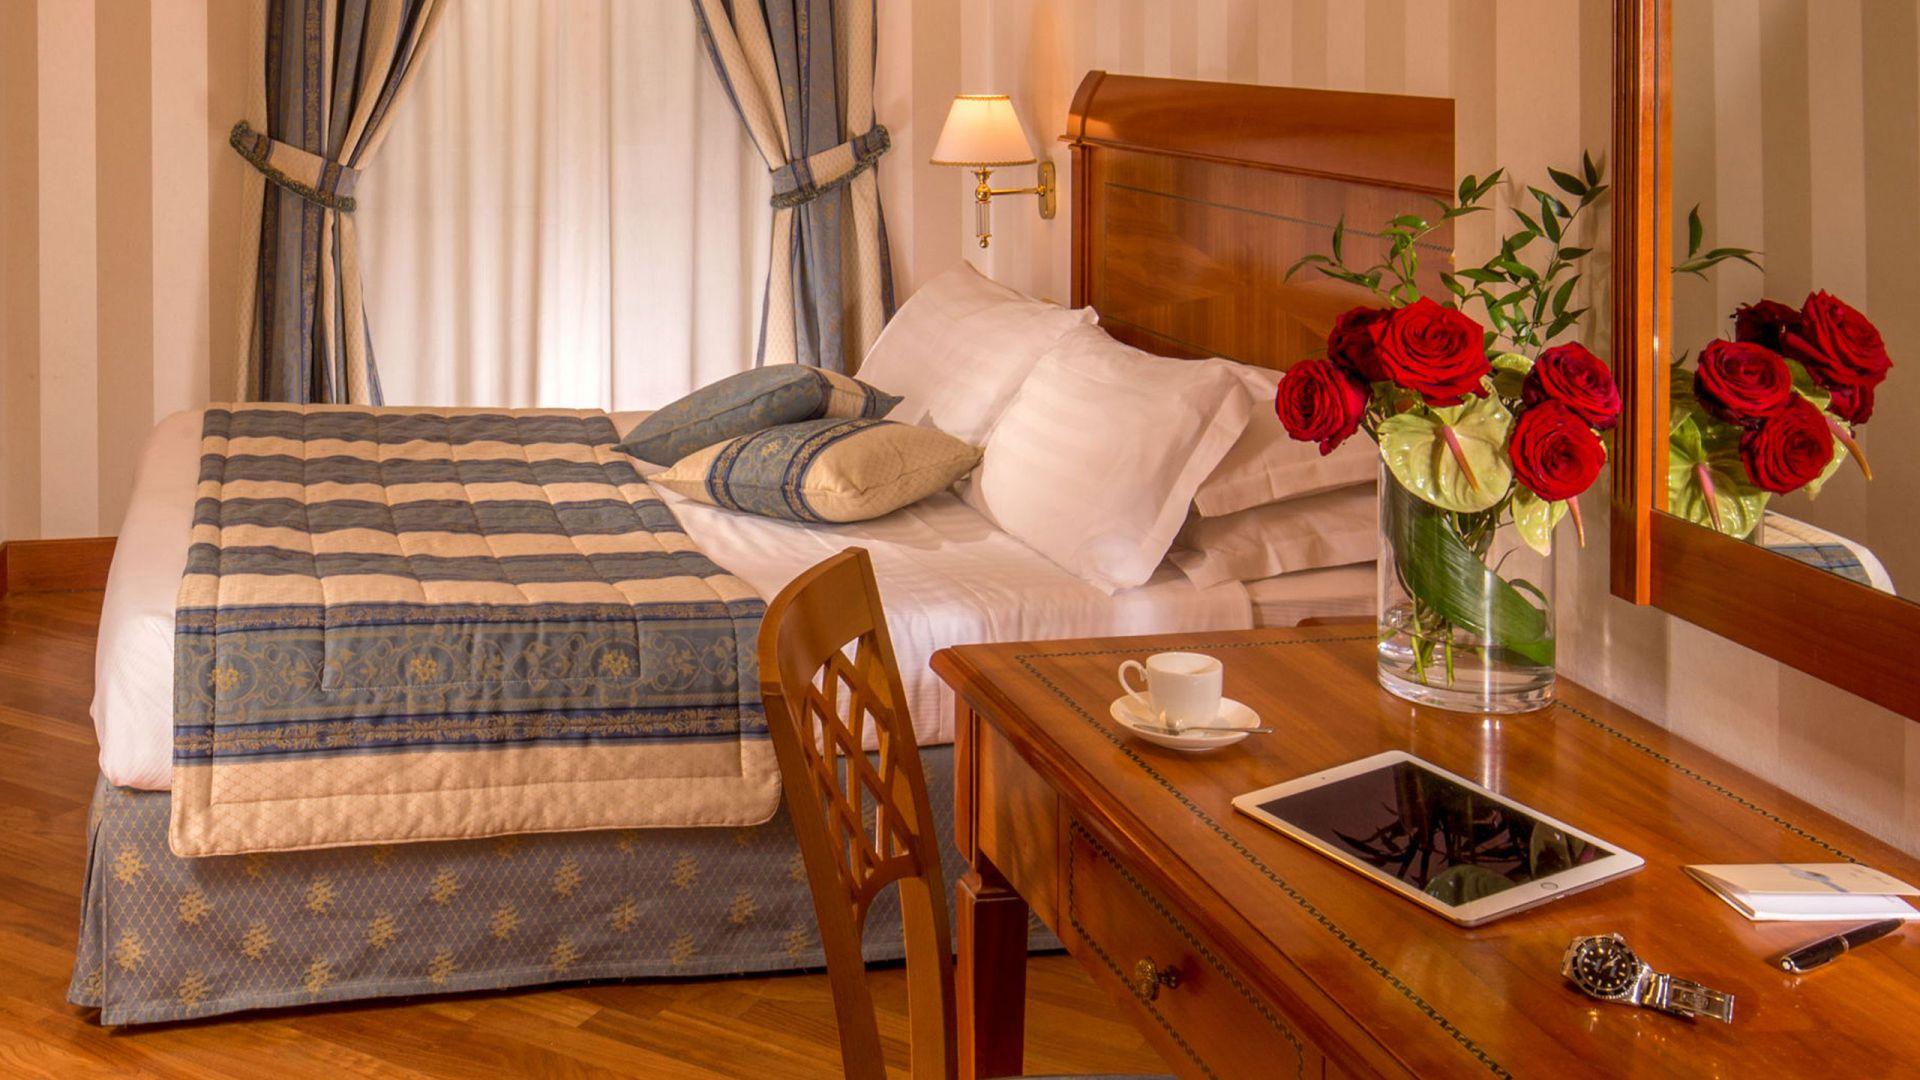 albergo-ottocento-rome-chambre-double-classic-03